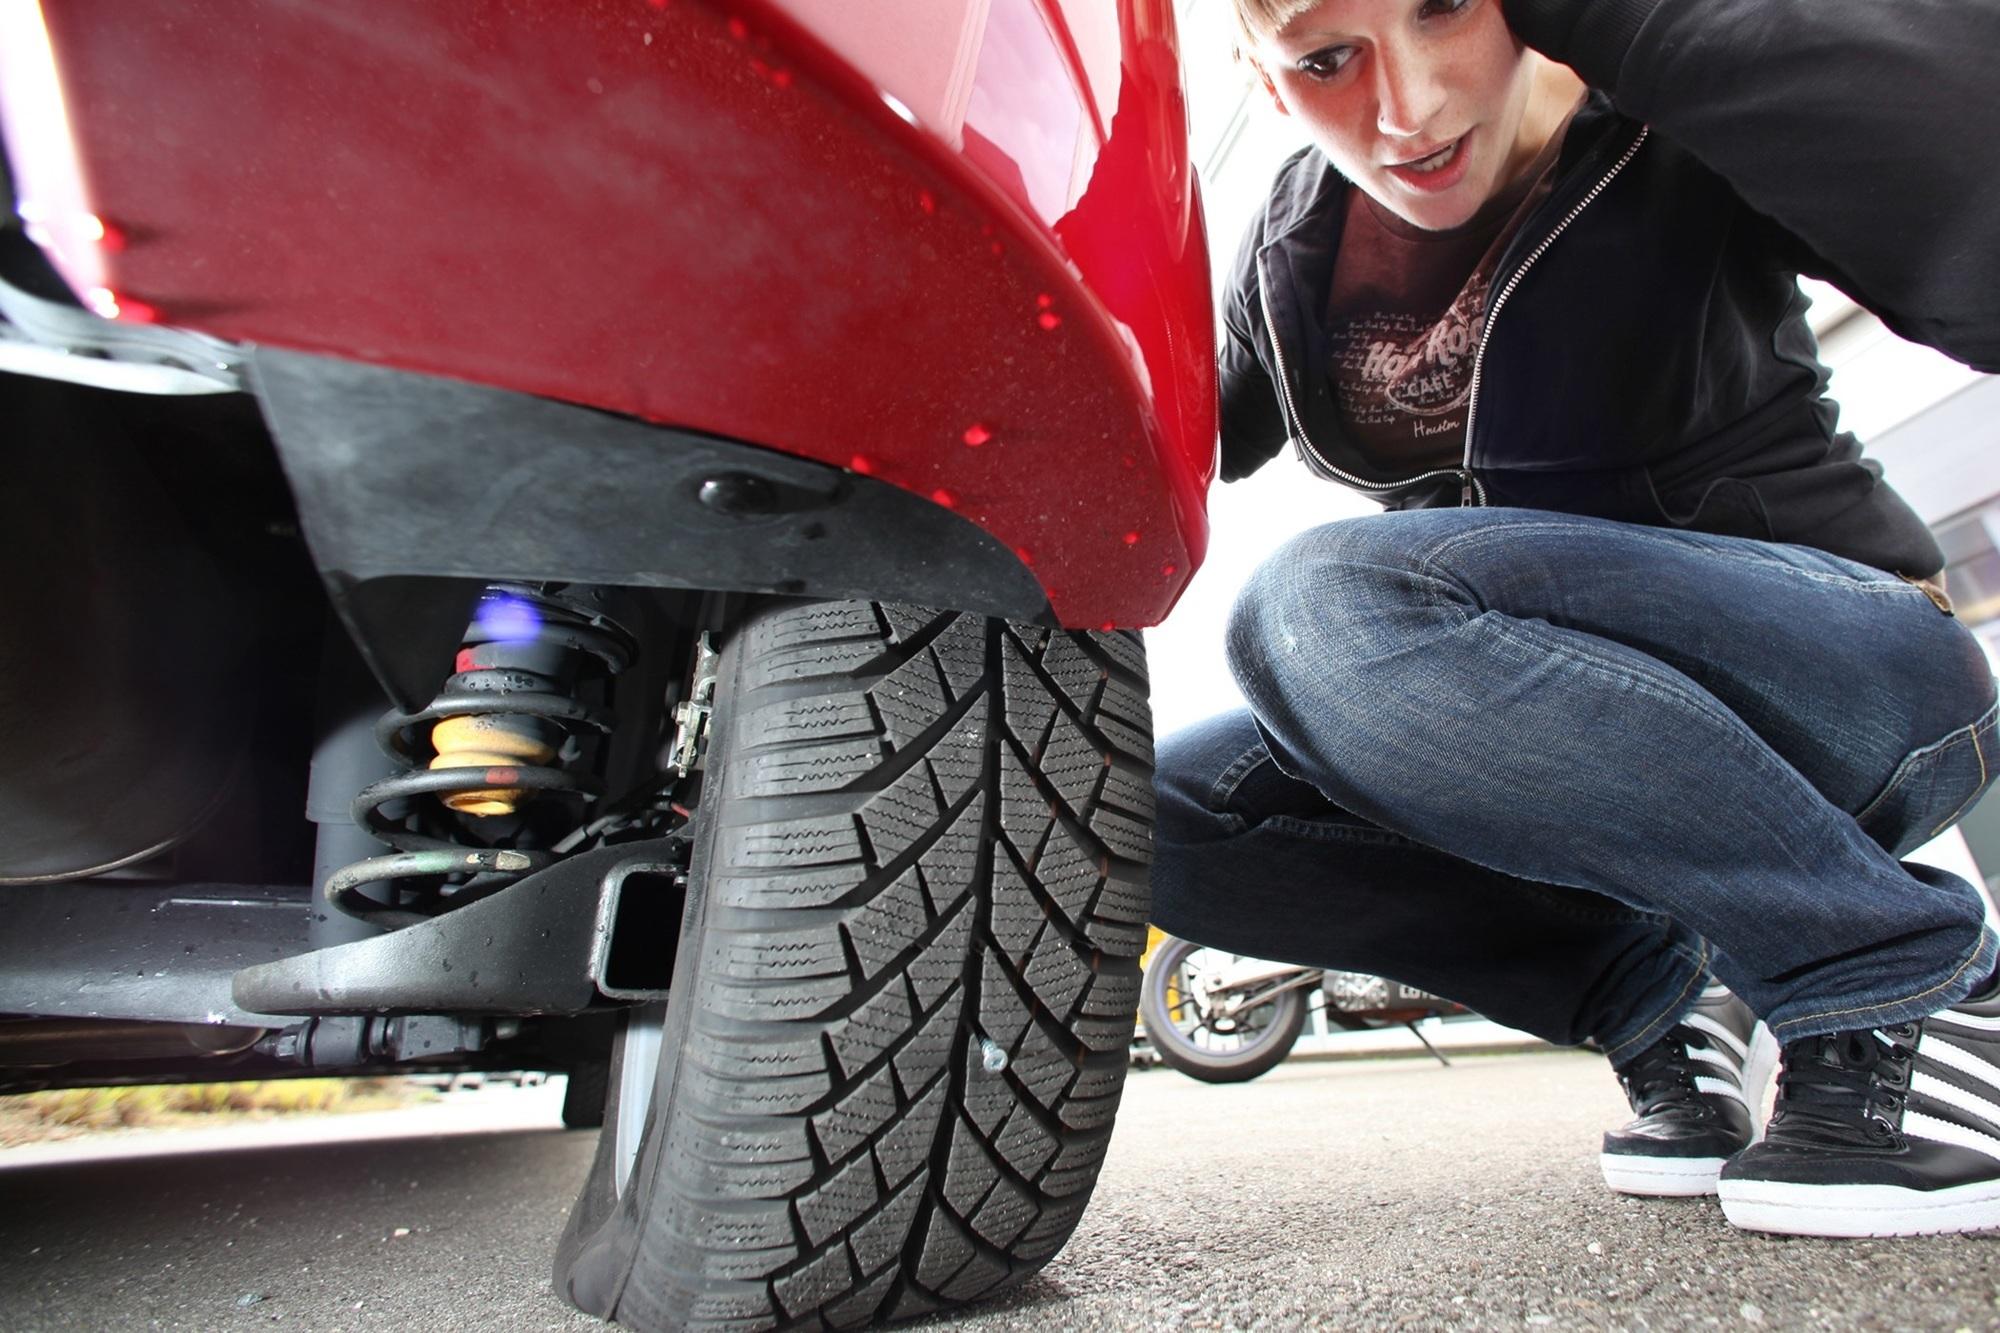 Reifenpannen - Die Sache mit der Platz-Angst